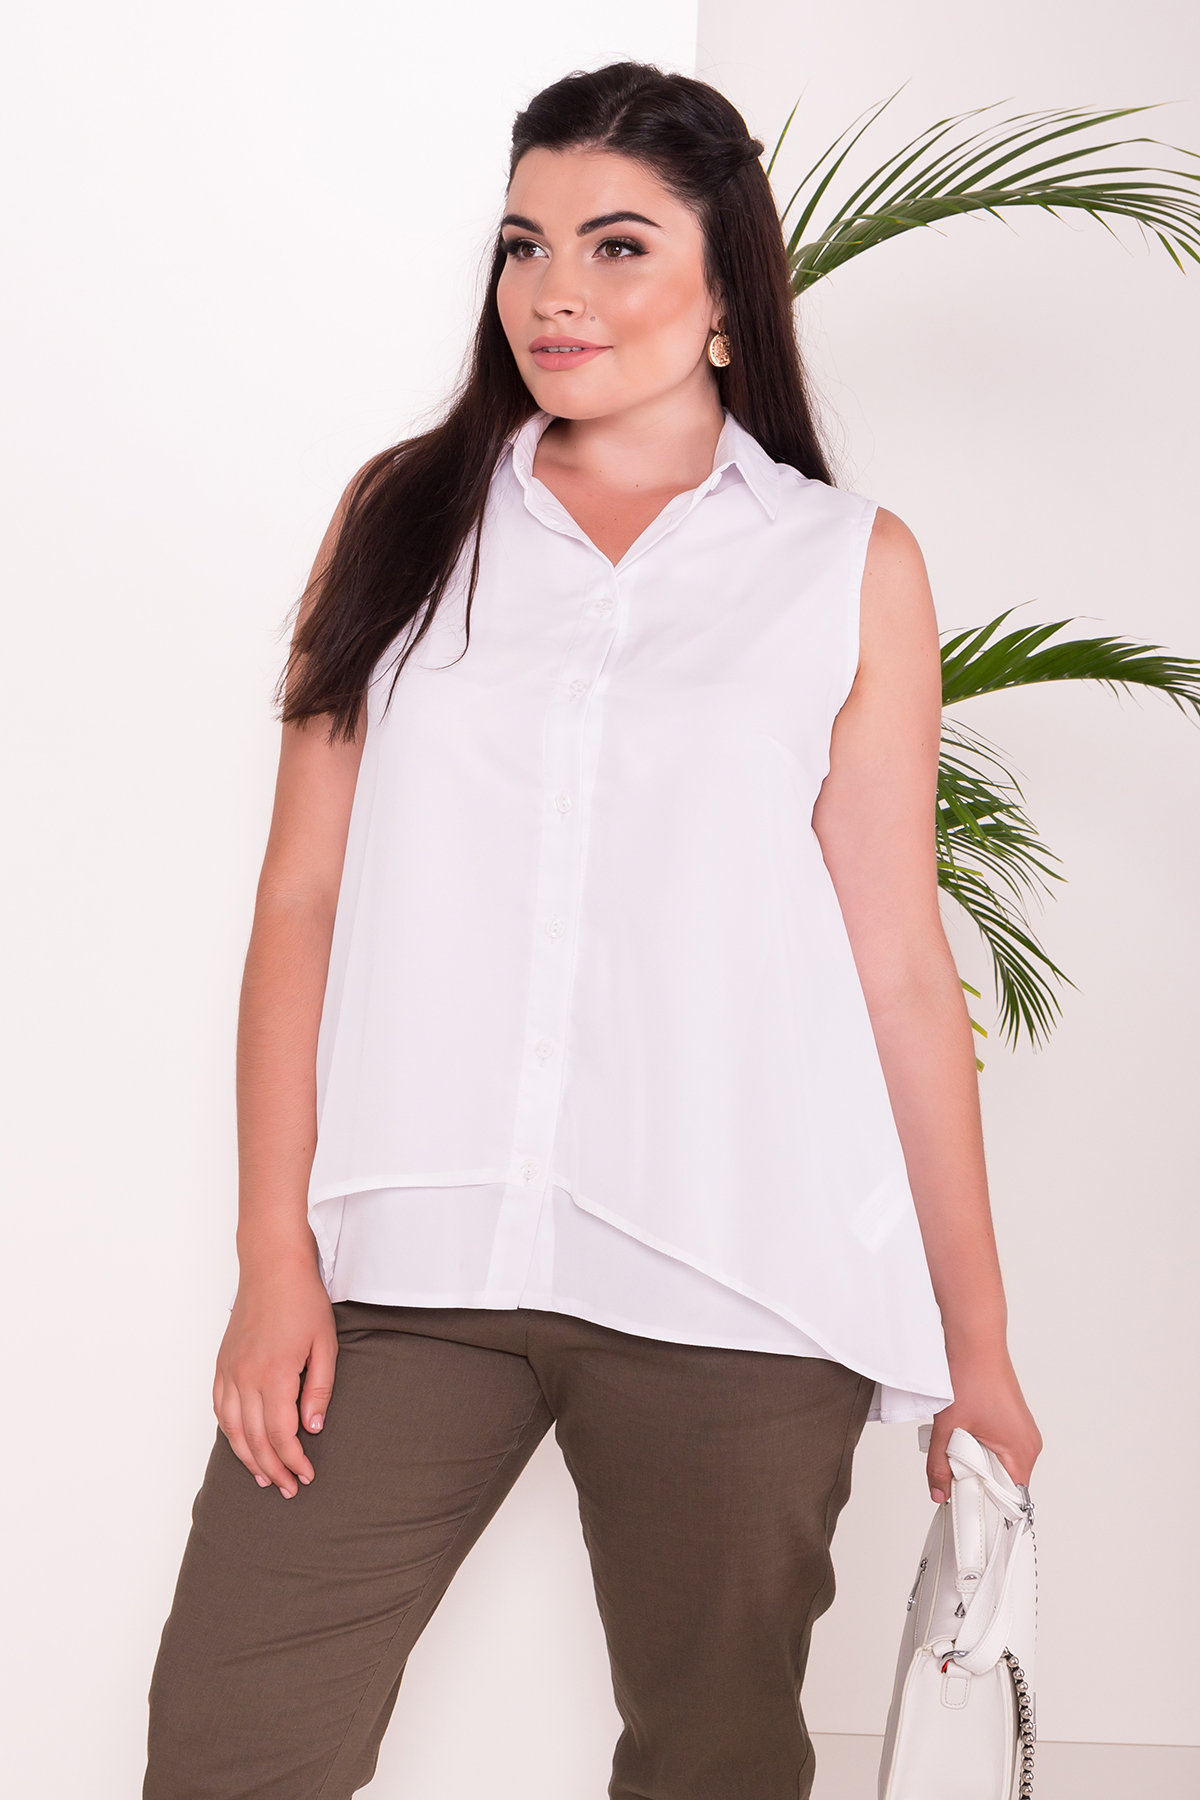 Рубашка Мелория Donna 7521 АРТ. 43455 Цвет: Белый - фото 3, интернет магазин tm-modus.ru